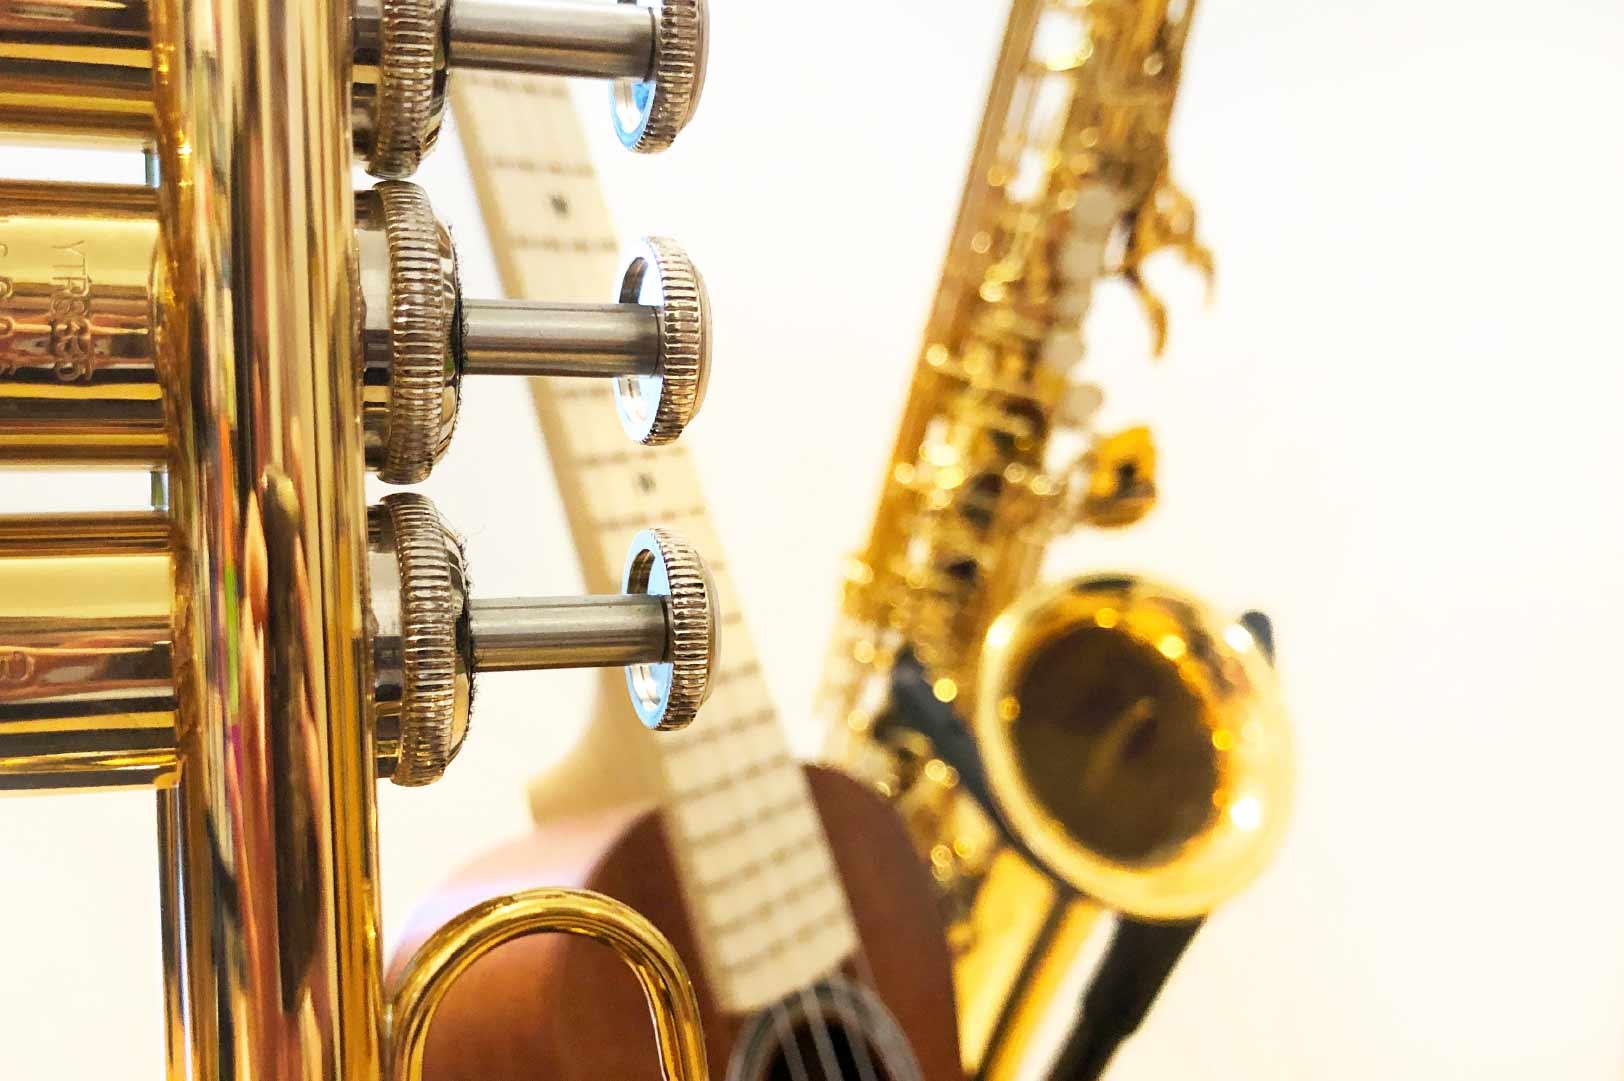 Musikhandel-Ruf_Instrumente_kaufen-03